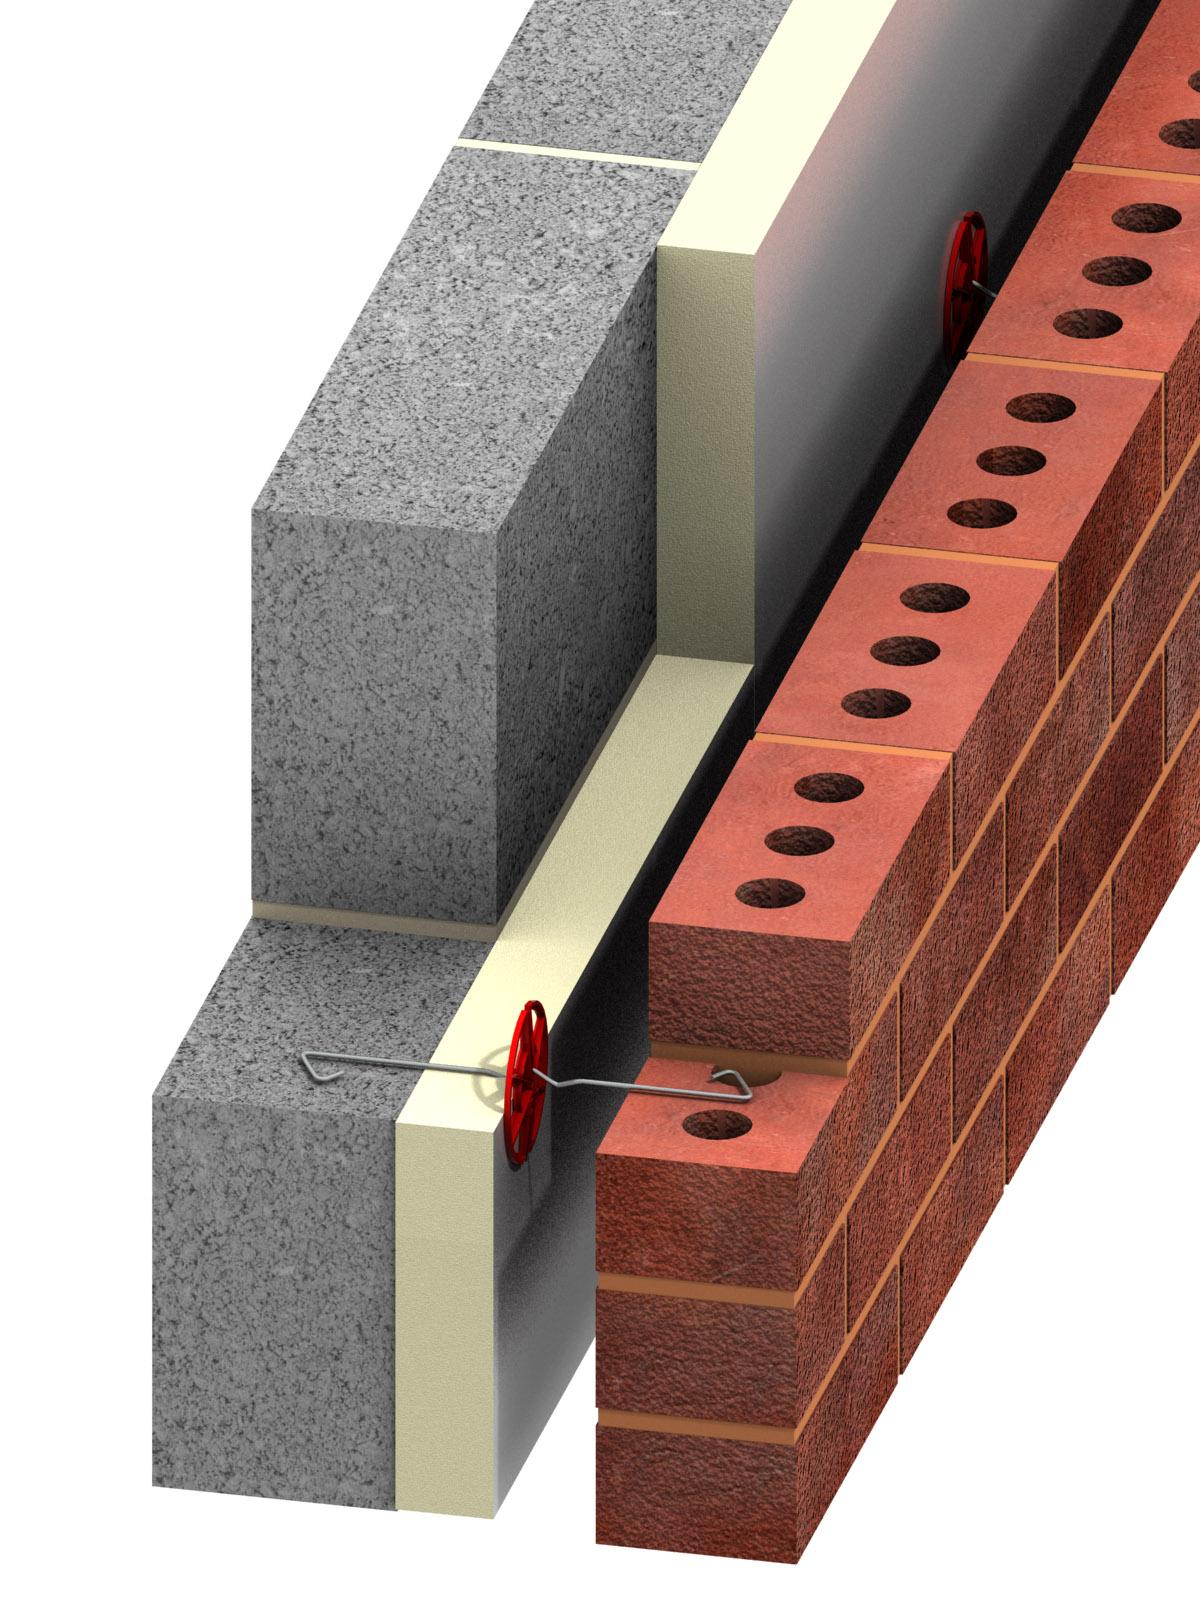 isolamento termico traspirante su parete verticale